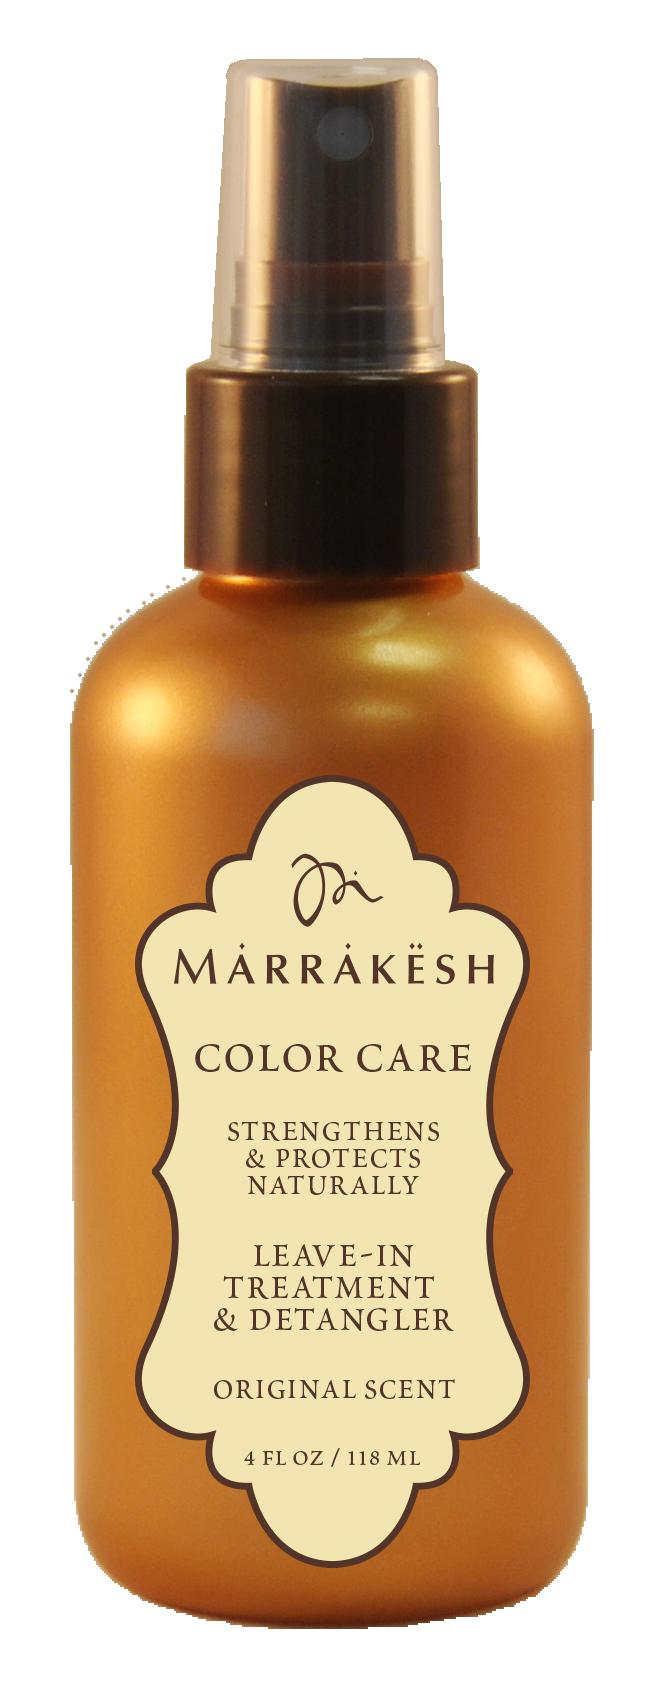 все цены на MARRAKESH Спрей несмываемый для окрашенных волос / Marrakesh X Leave-in Color Original 118 мл онлайн